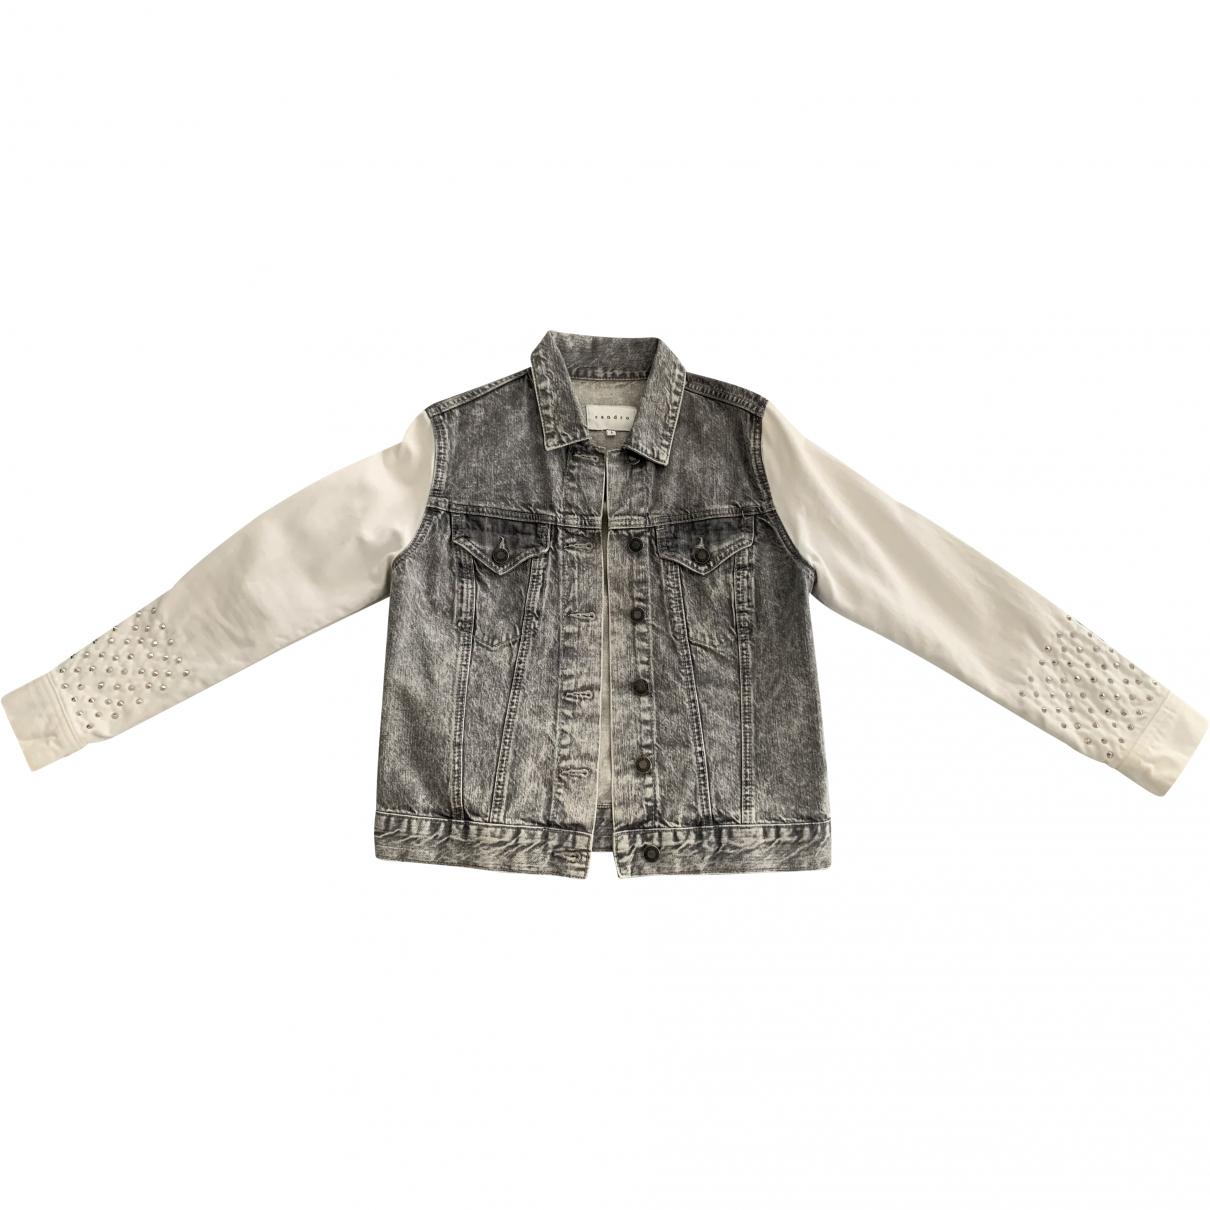 Sandro \N Anthracite Denim - Jeans jacket for Women 1 0-5